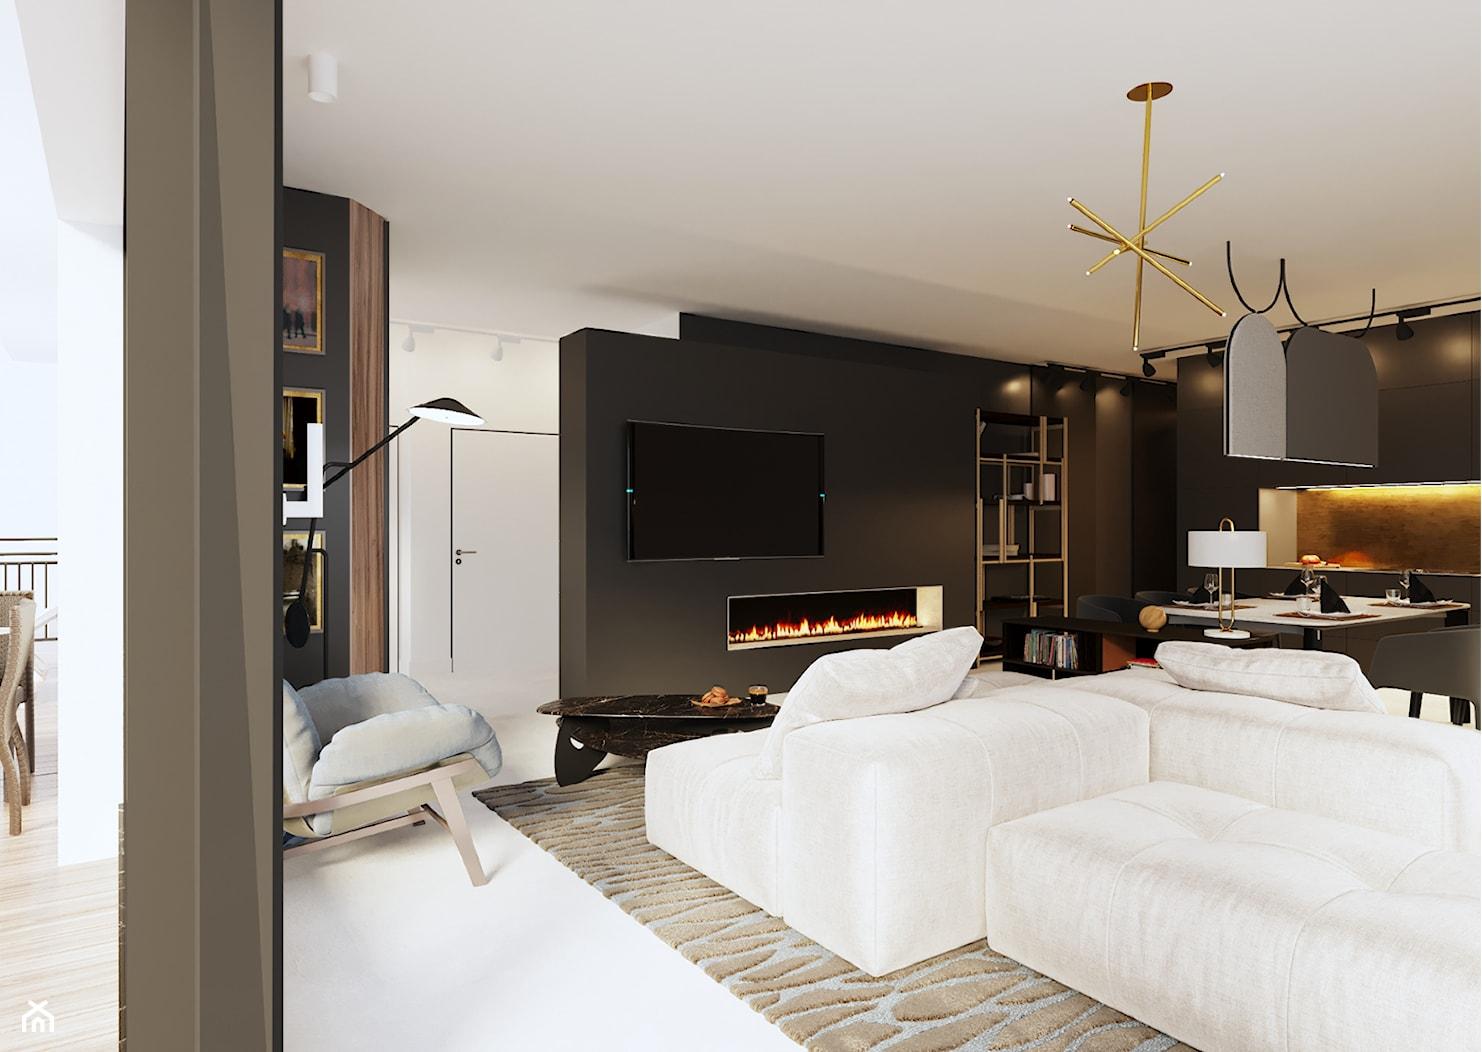 Apartament w Aachen // Niemcy - Duży biały czarny salon z kuchnią z jadalnią, styl nowoczesny - zdjęcie od SIKORA WNĘTRZA - Homebook